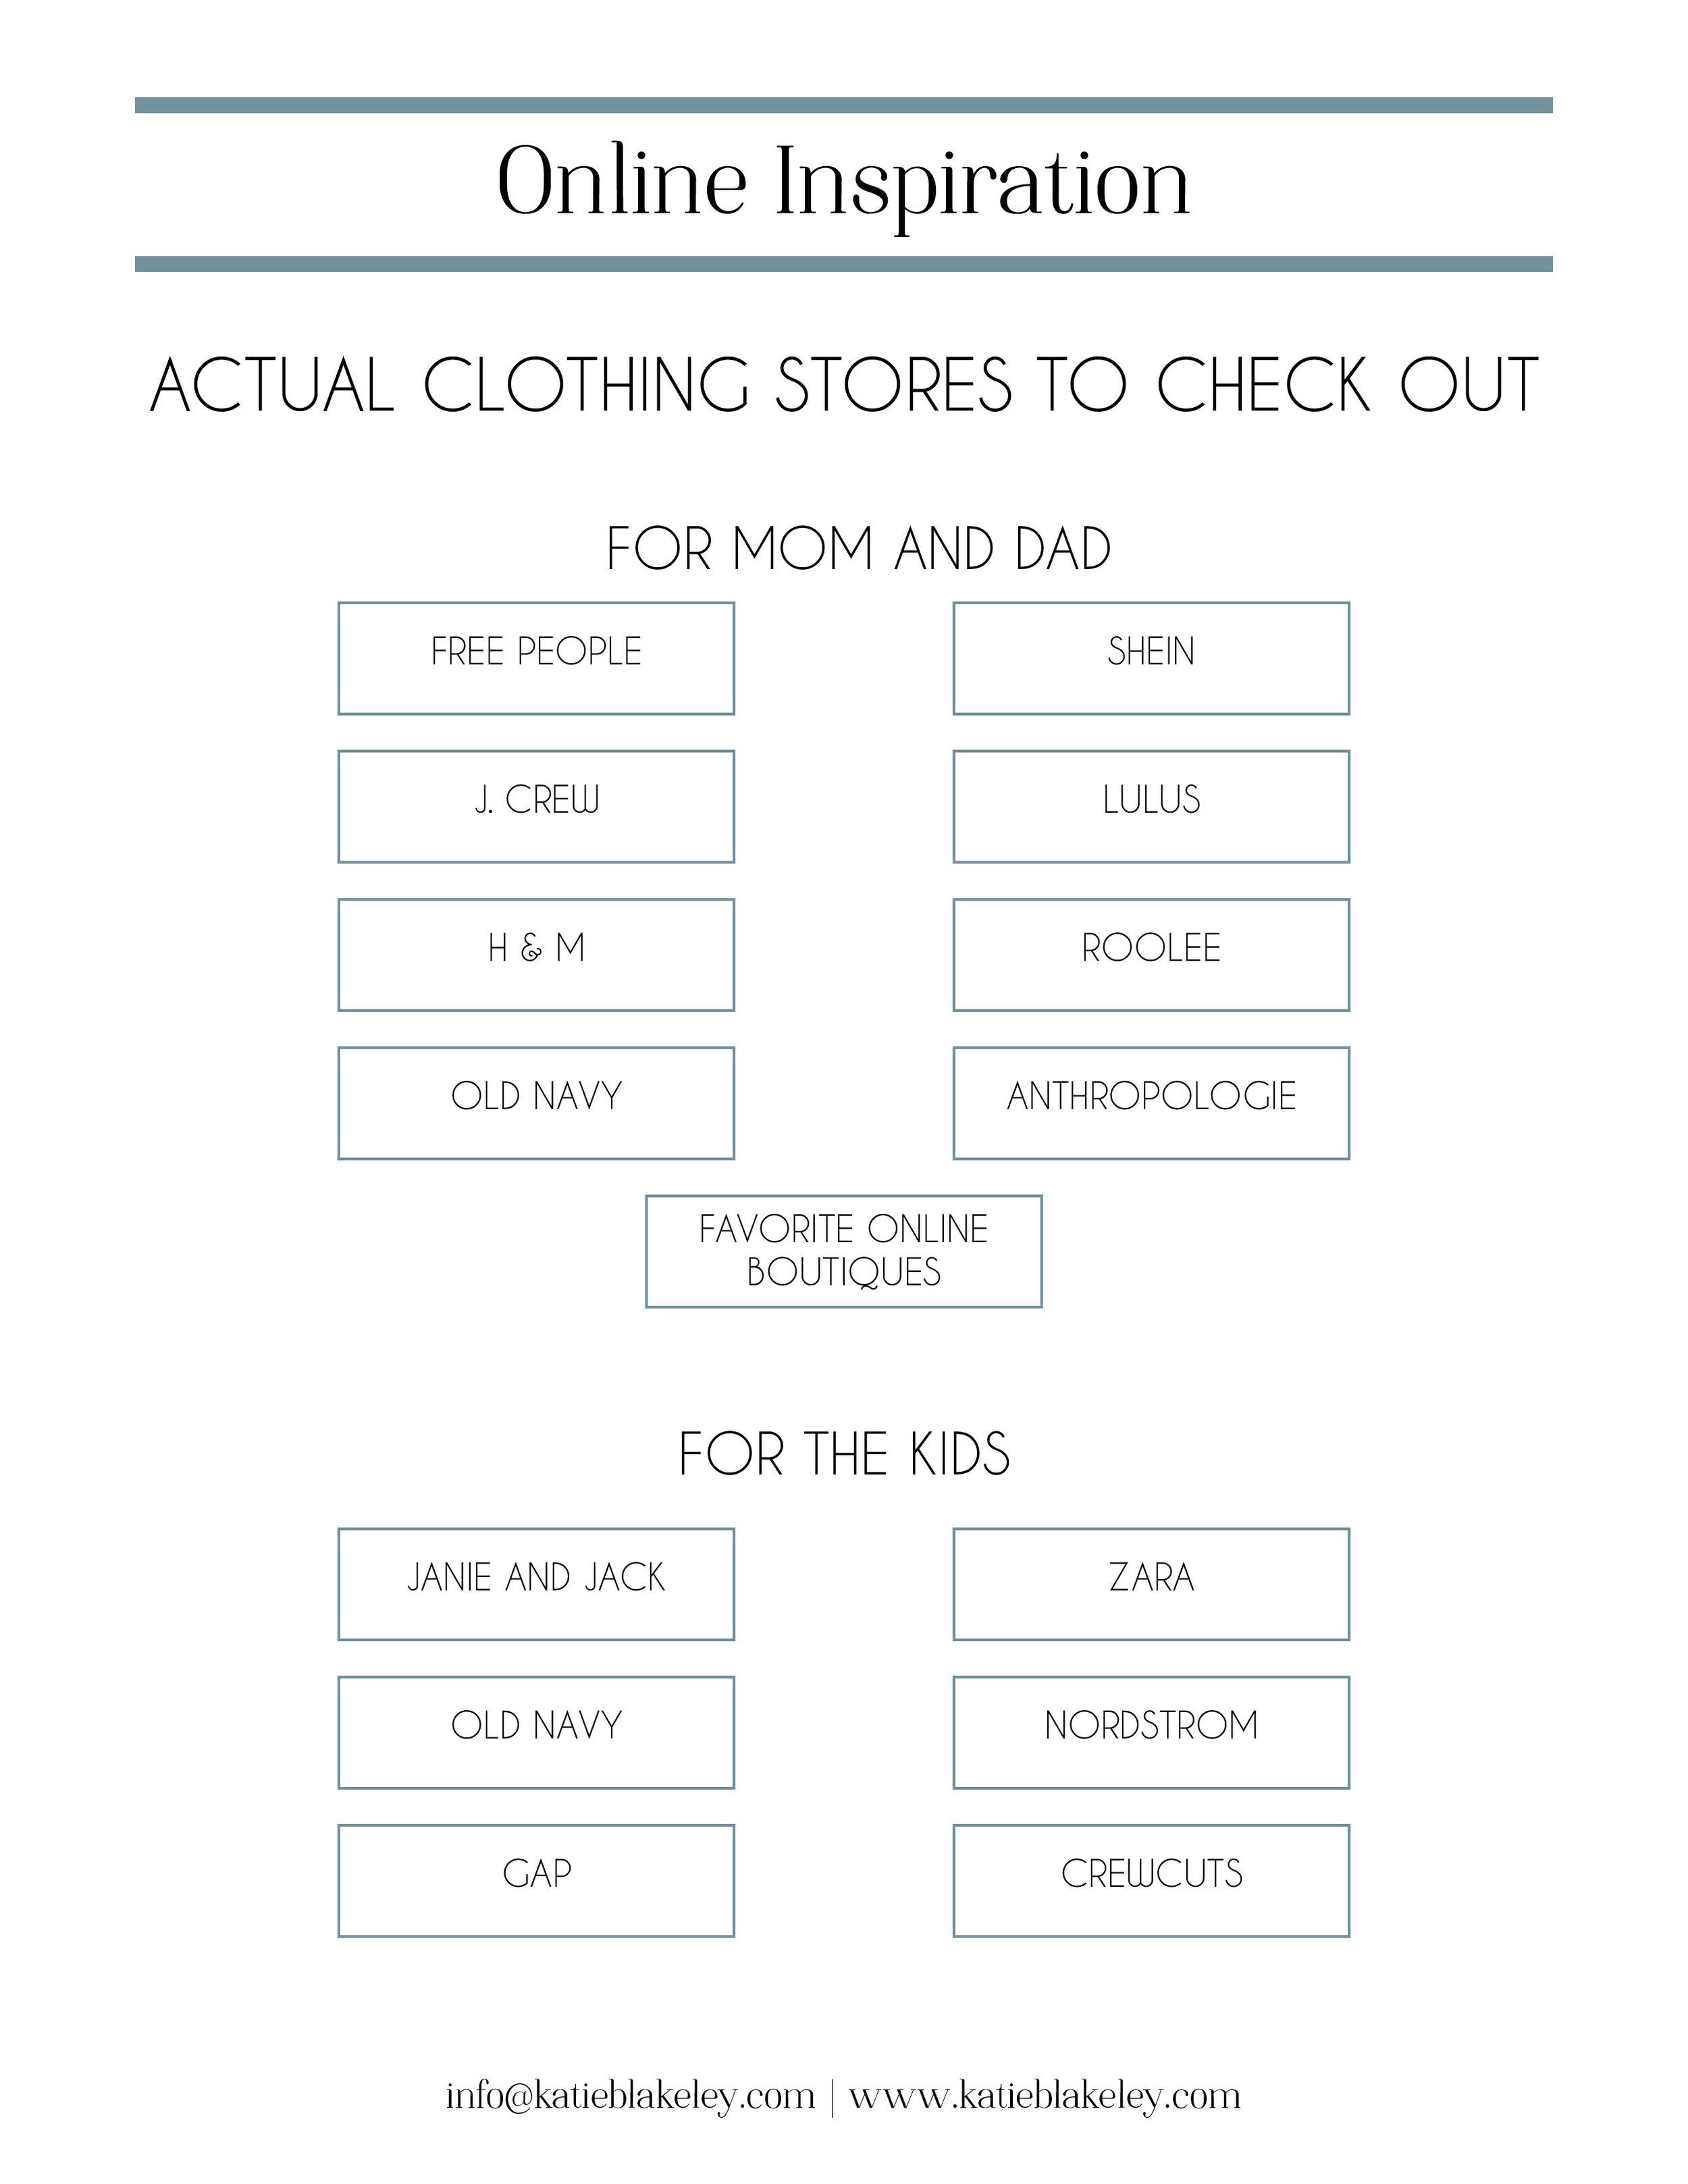 Family Session Prep Guide16.jpg